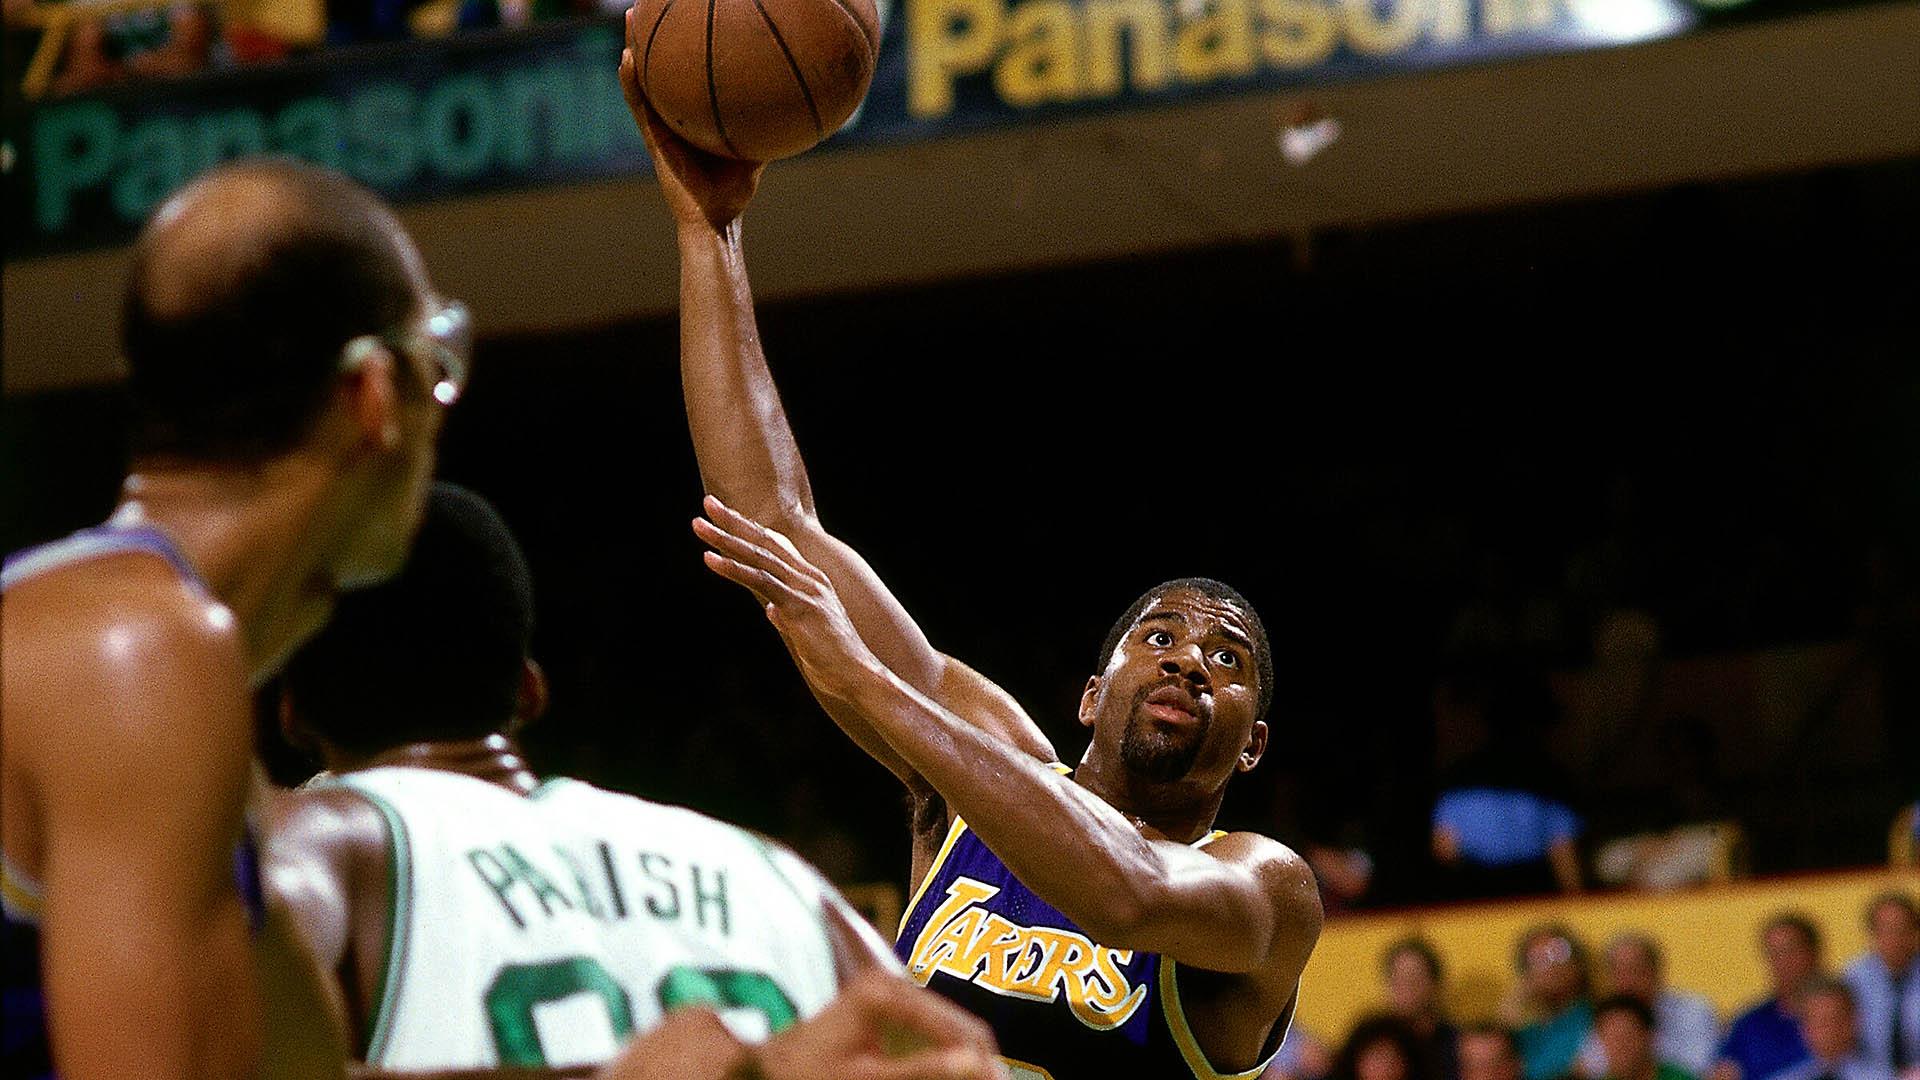 Top Moments: Magic's 'junior sky hook' lifts Lakers over Celtics